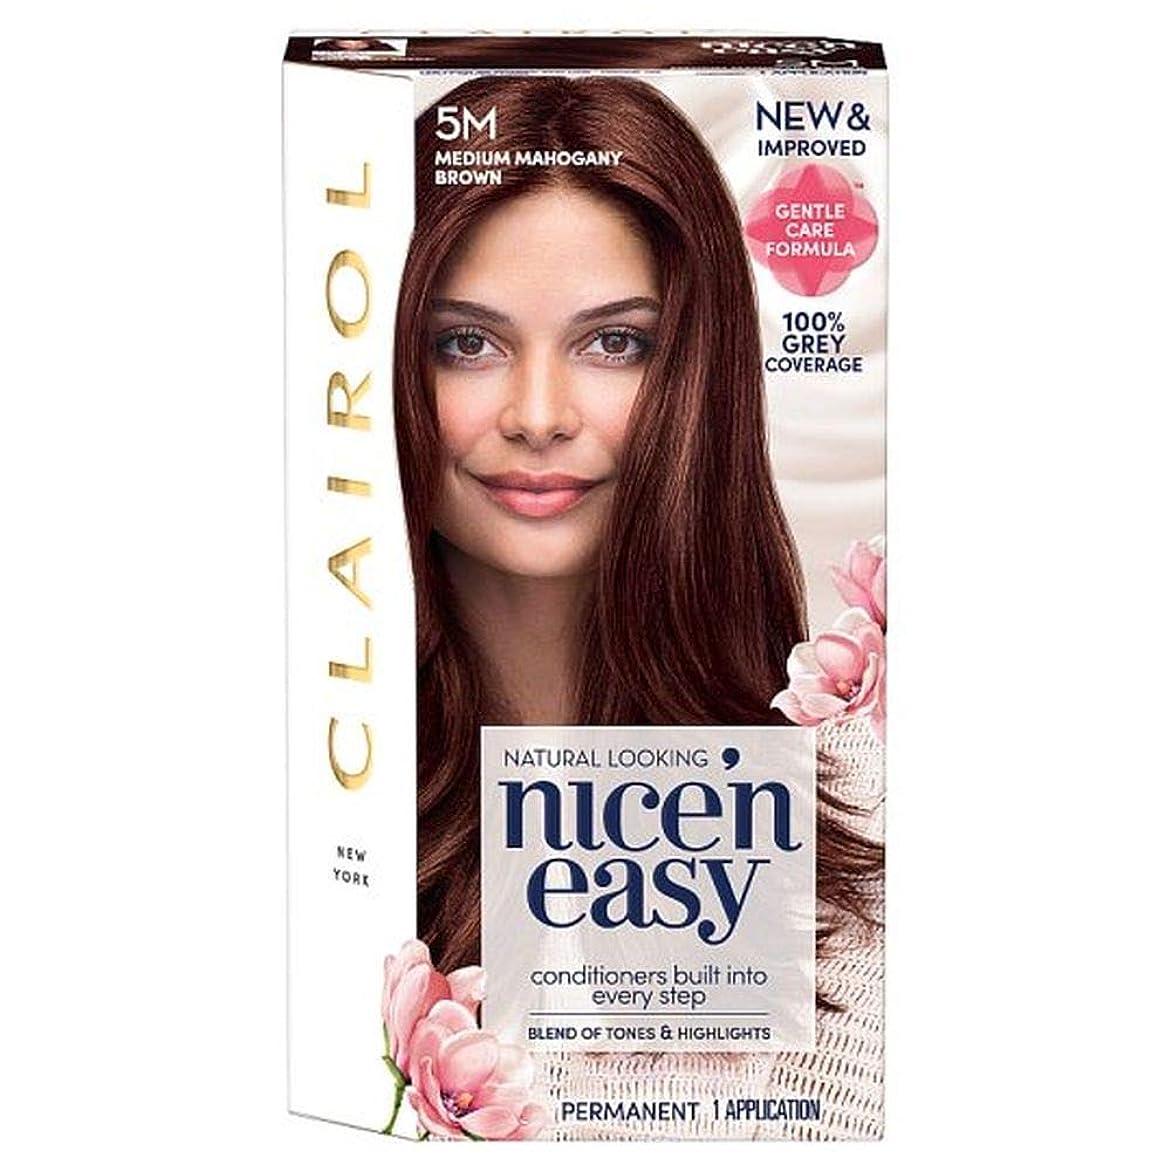 フィドル露骨な遡る[Nice'n Easy] クレイロール素敵な「N簡単にメディアマホガニーブラウンの5メートルの染毛剤 - Clairol Nice 'N Easy Medium Mahogany Brown 5M Hair Dye [並行輸入品]